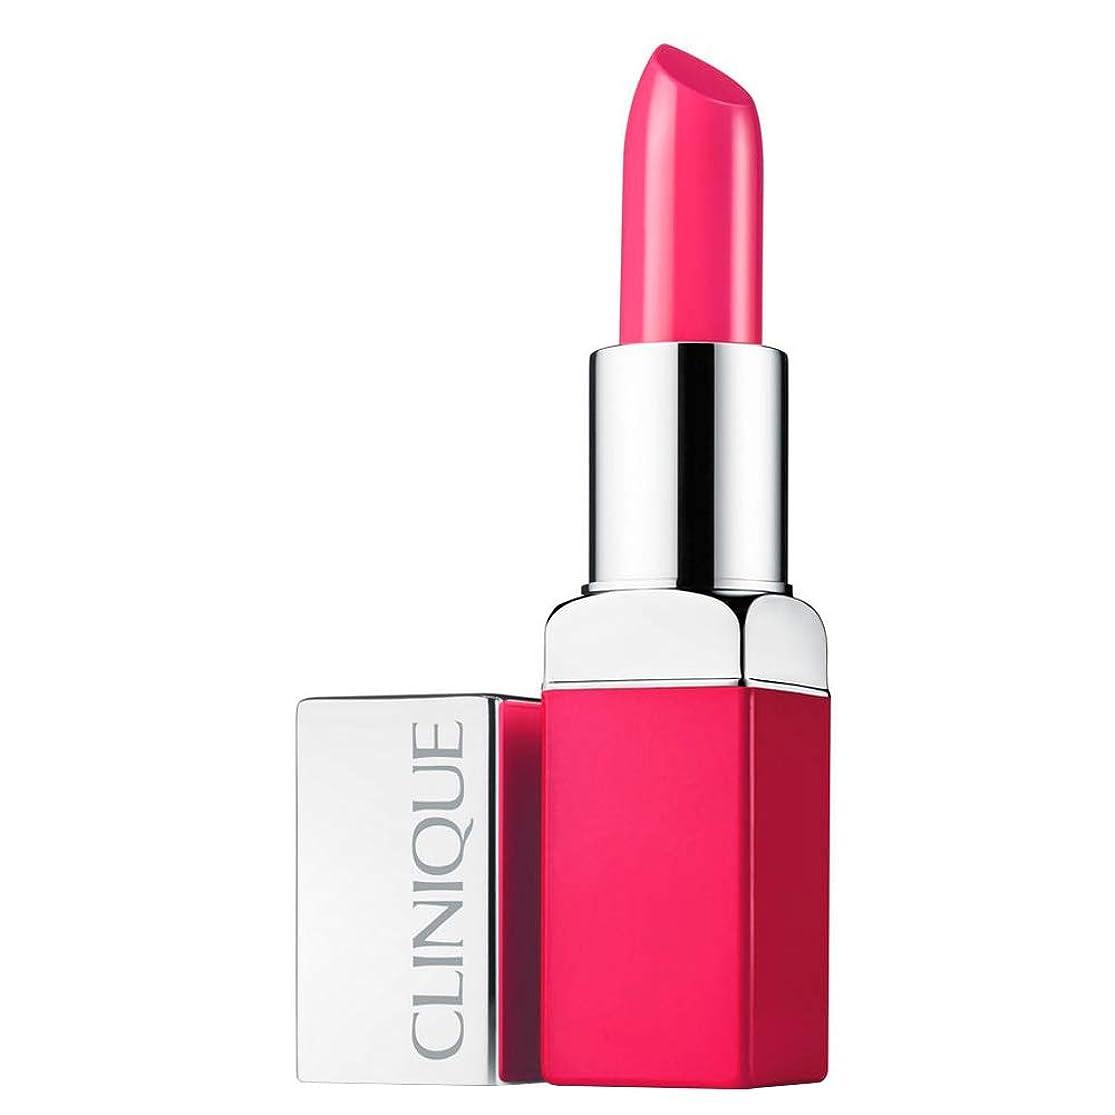 未満実質的収縮クリニーク Clinique Pop Lip Colour + Primer - # 22 Kiss Pop 3.9g/0.13oz並行輸入品